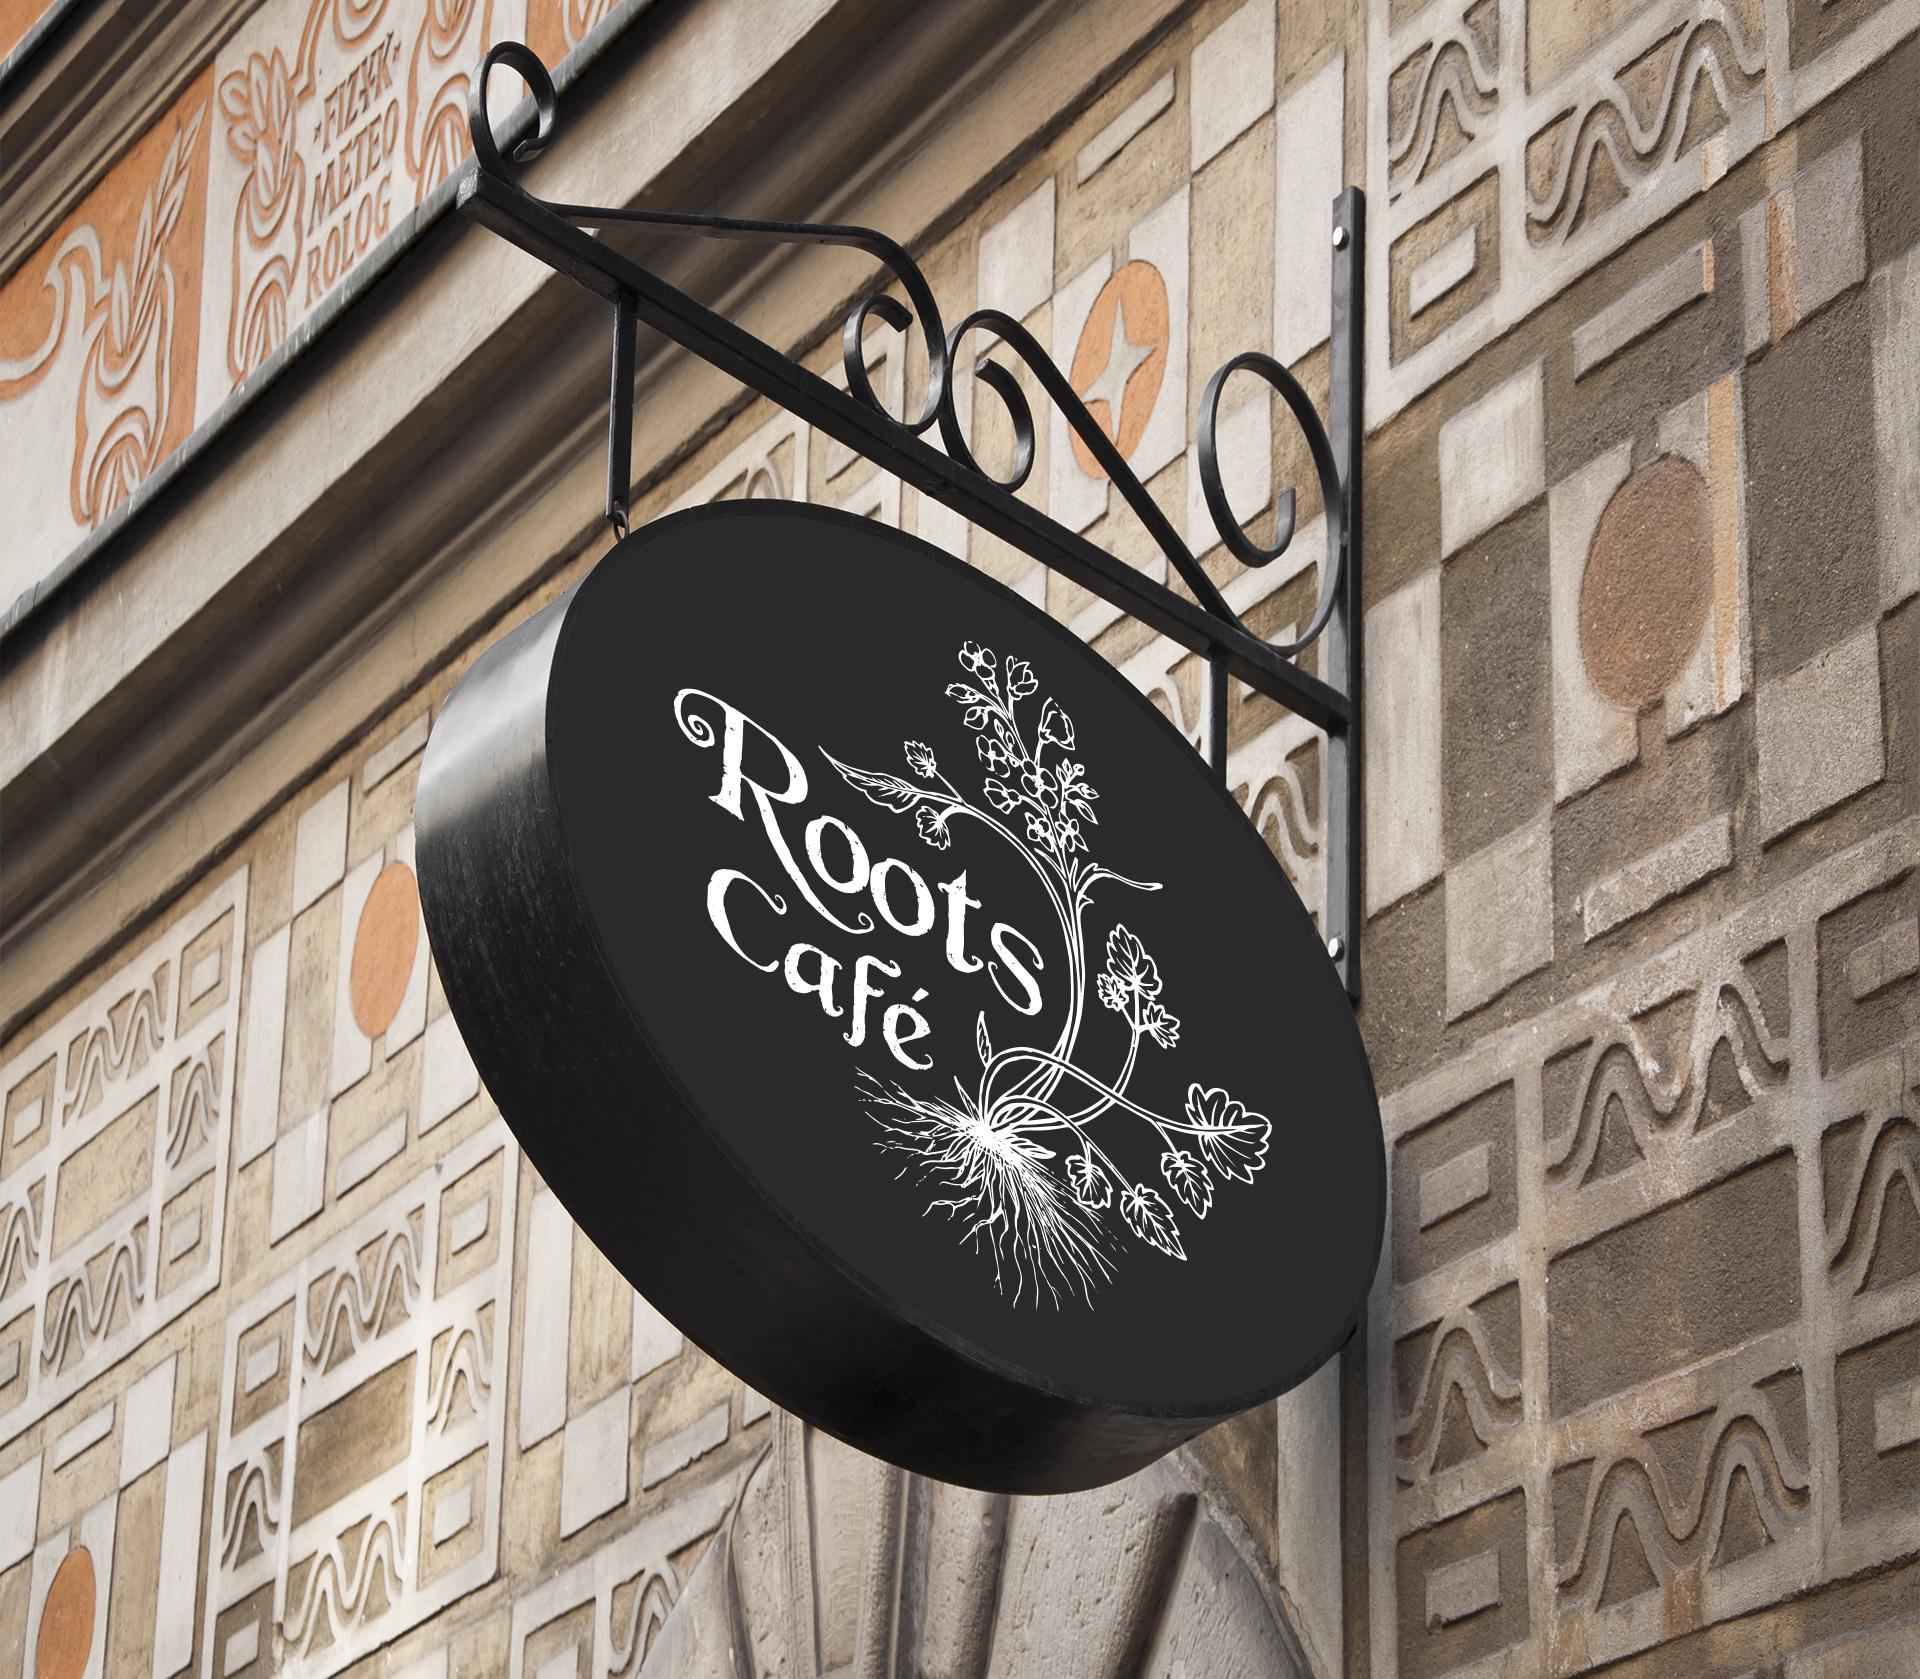 Roots Café Insegna - Eleonora Casetta